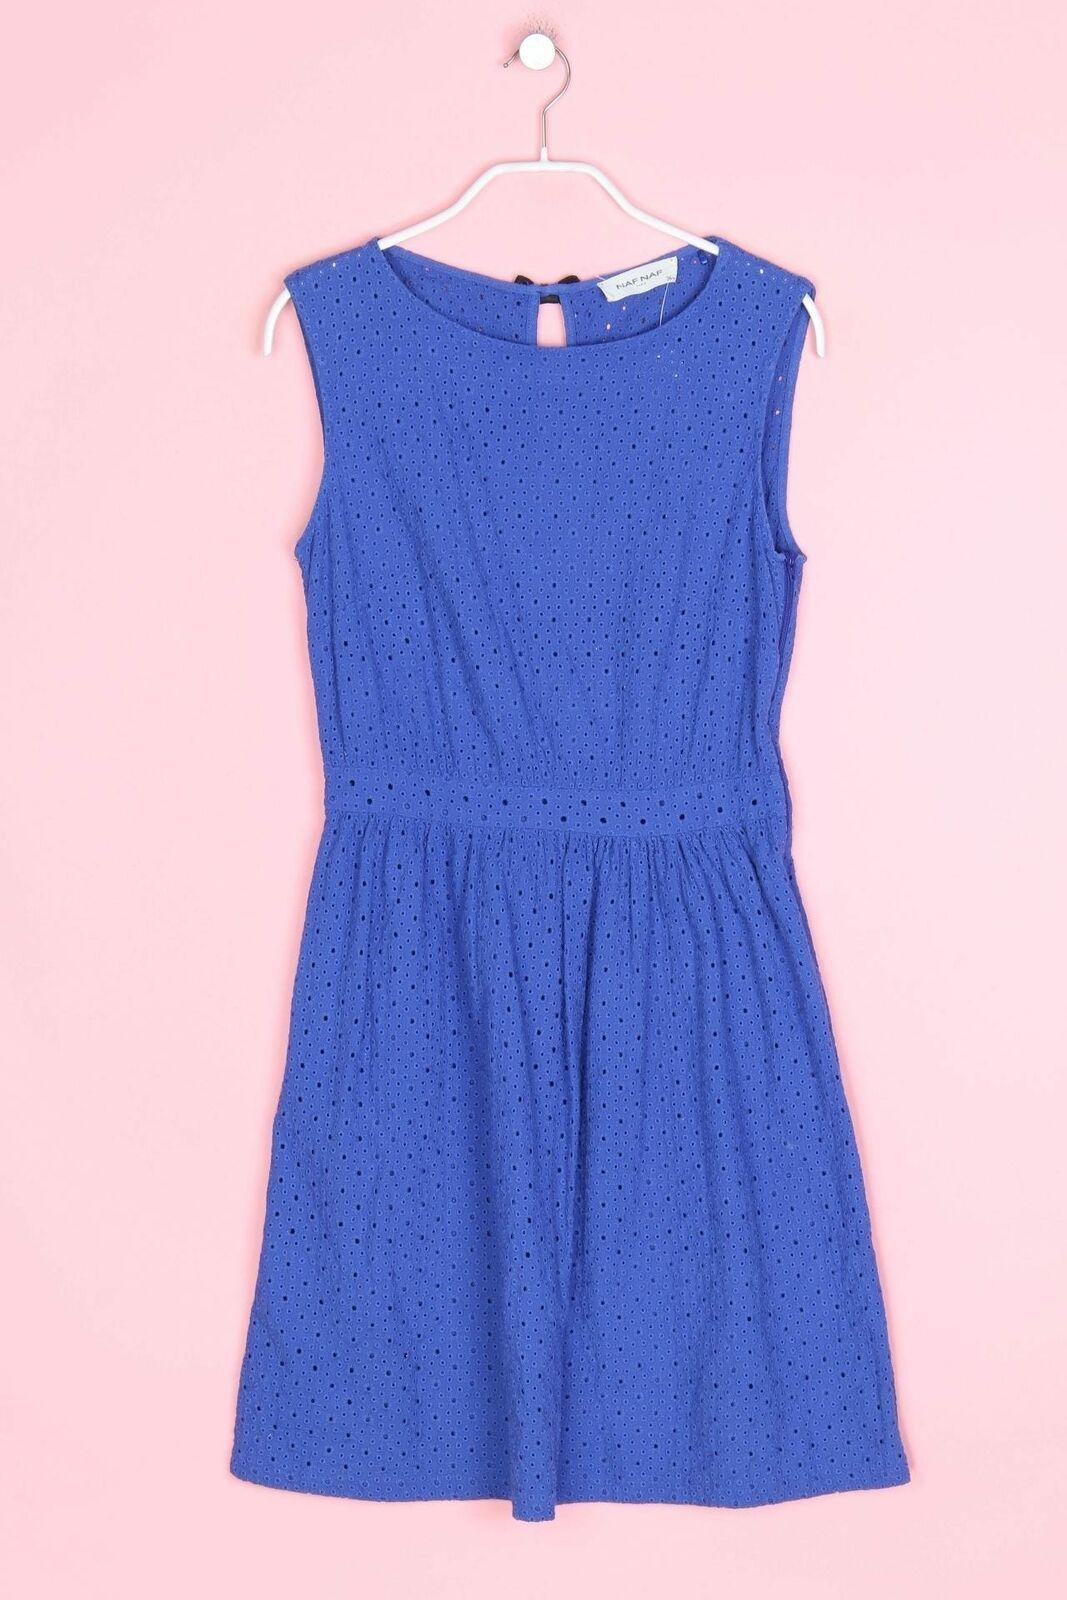 NAF NAF Muster-Kleid mit Schleife D 27 Blau in 27  Kleid mit